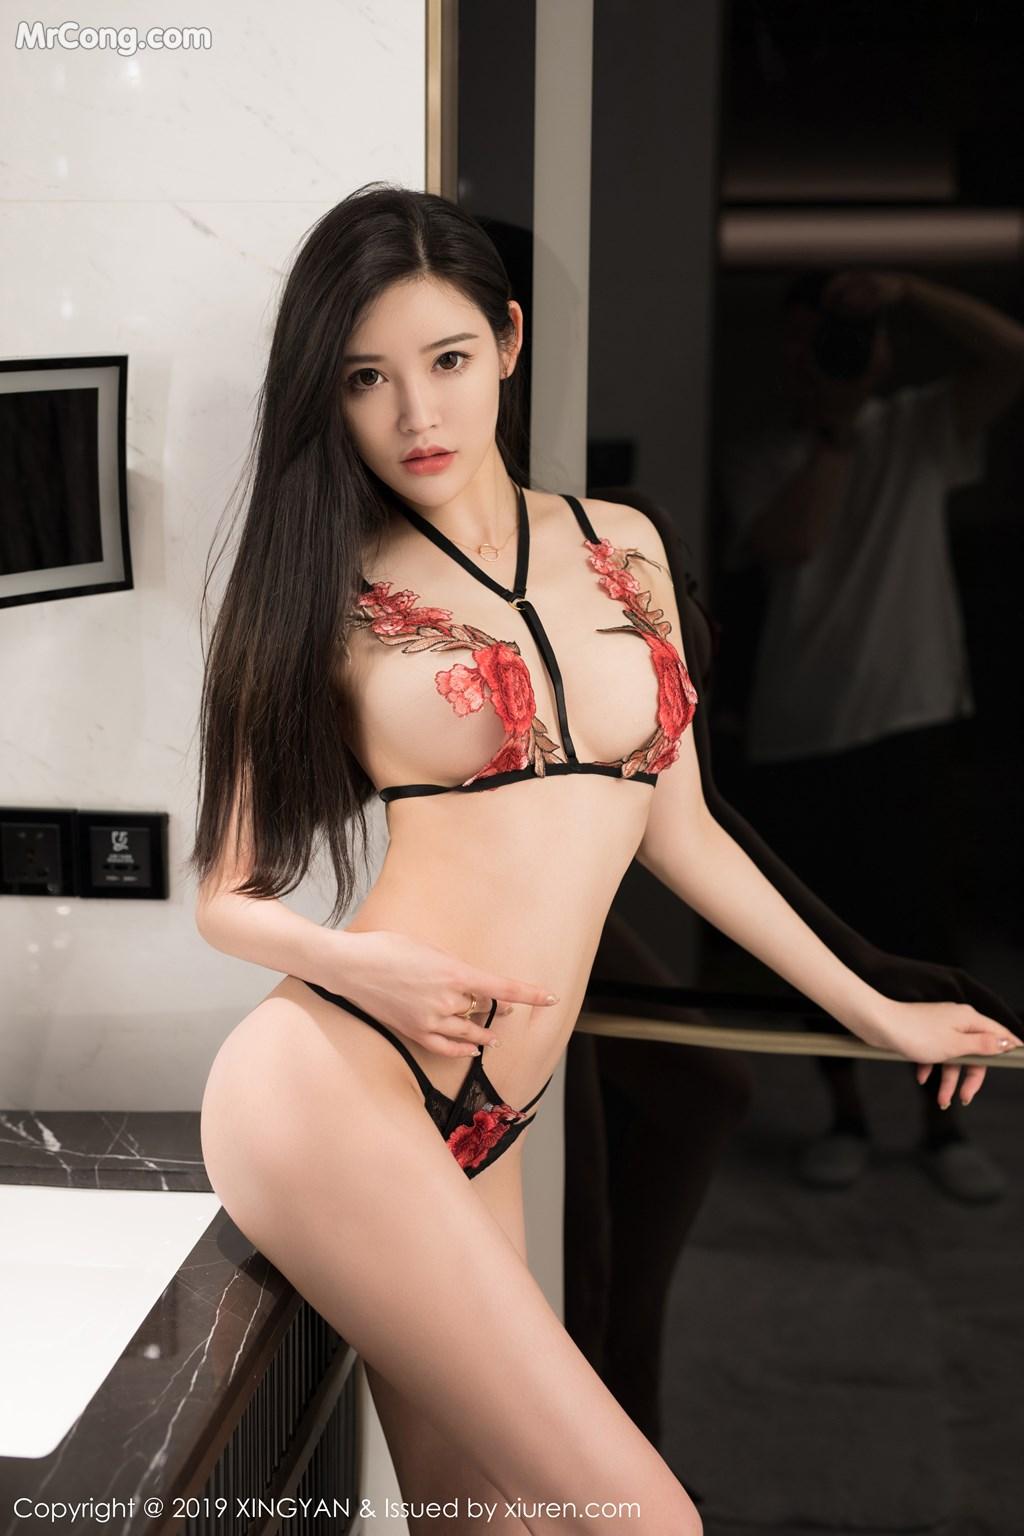 Image XingYan-Vol.121-He-Chen-Xi-MrCong.com-047 in post XingYan Vol.121: He Chen Xi (何晨曦) (49 ảnh)